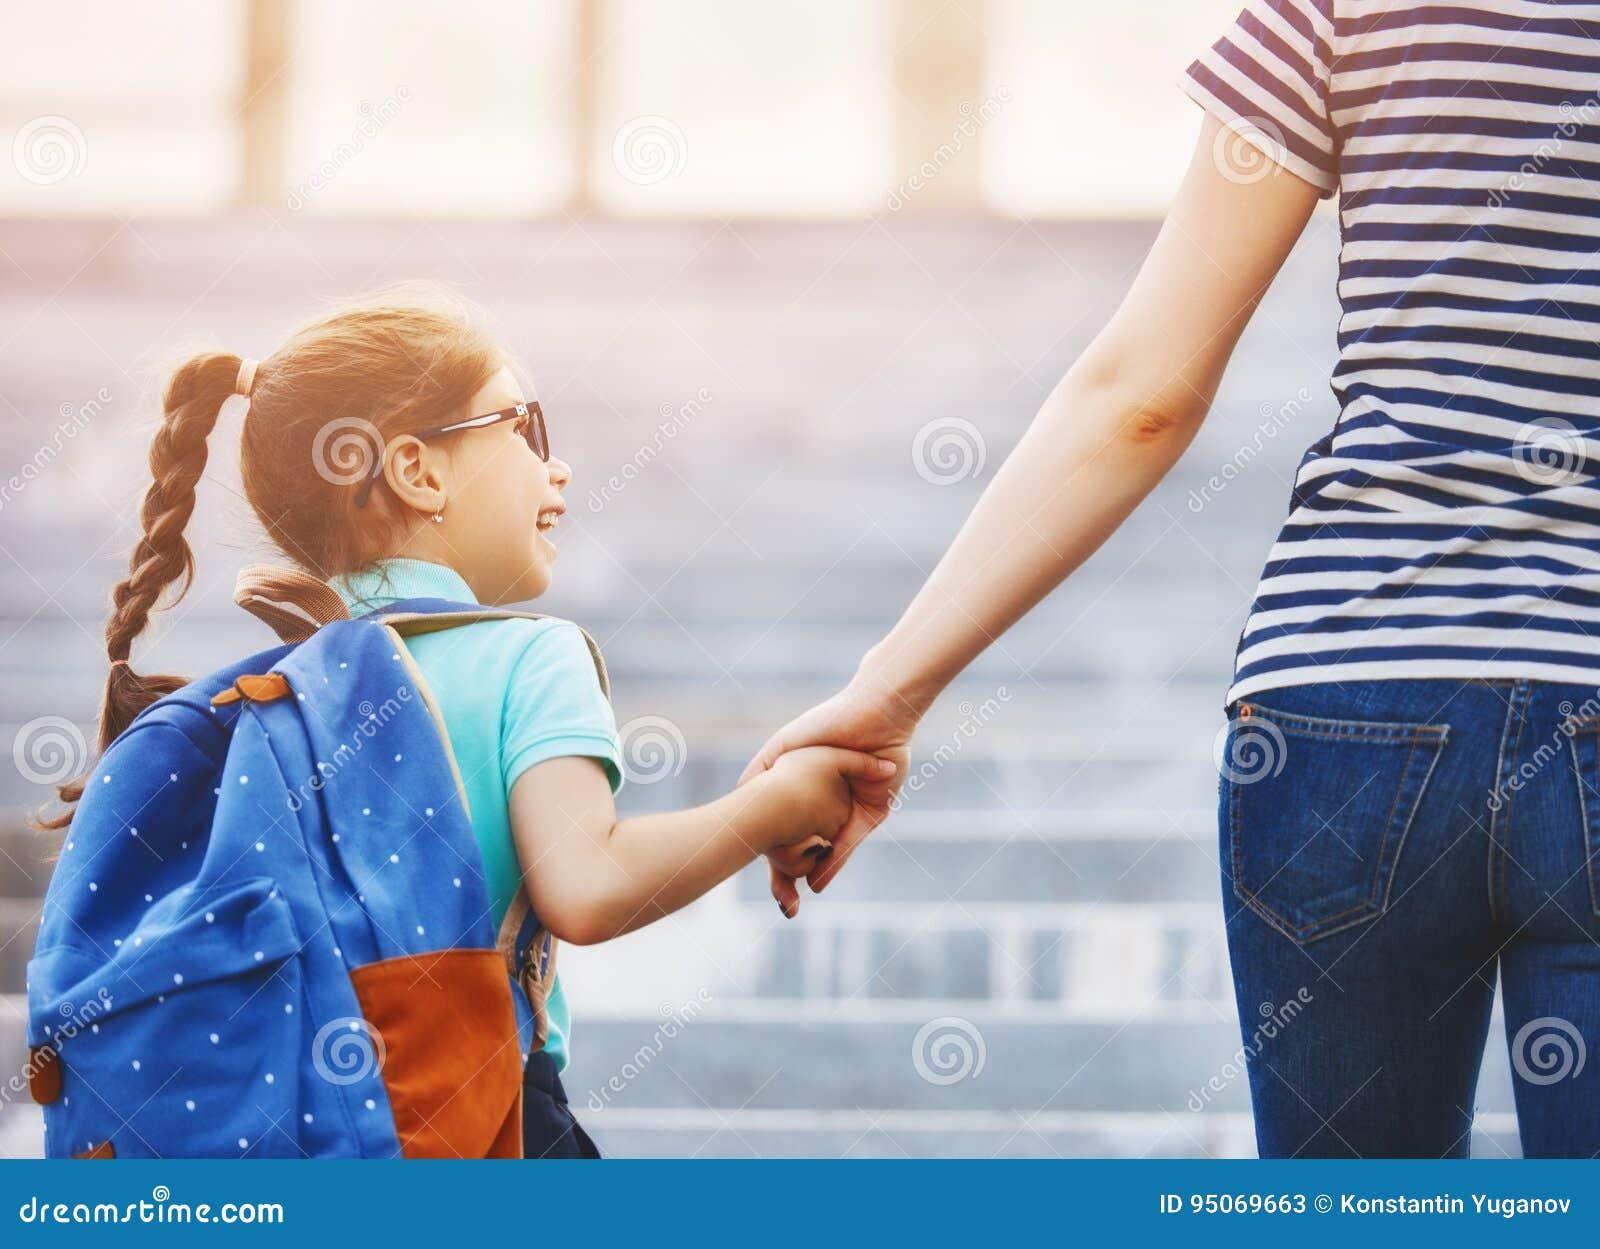 Родитель и зрачок идут к школе